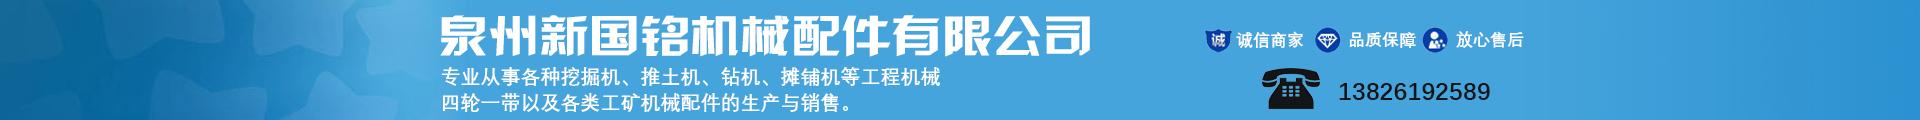 泉州新國銘機械配件有限公司